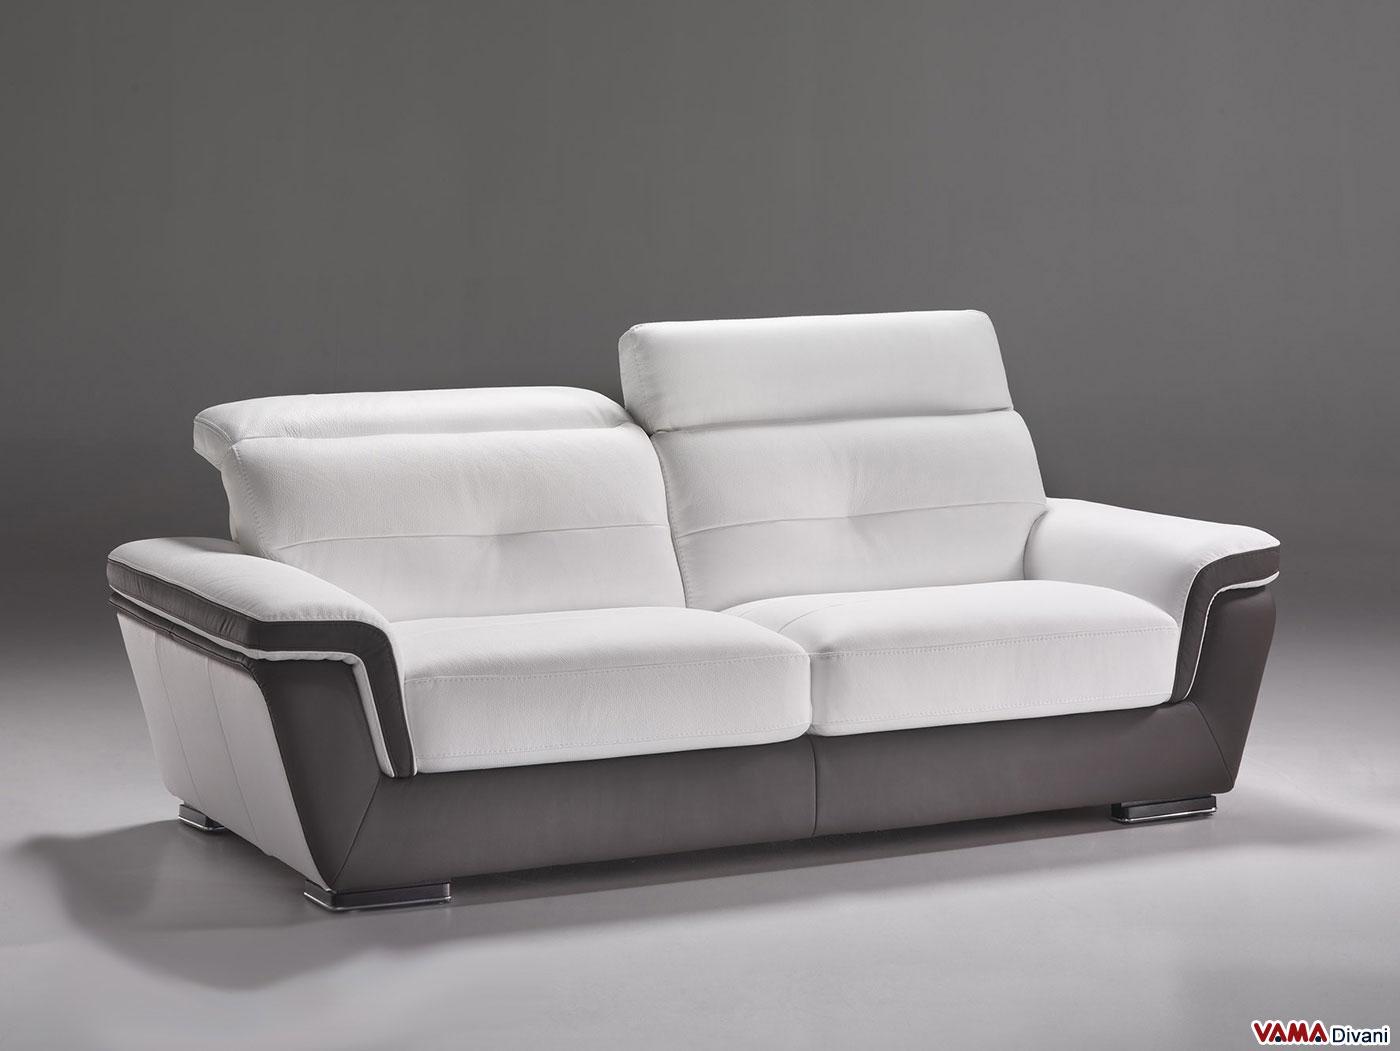 Divano moderno in pelle di colore marrone e bianco for Divani moderni grigi